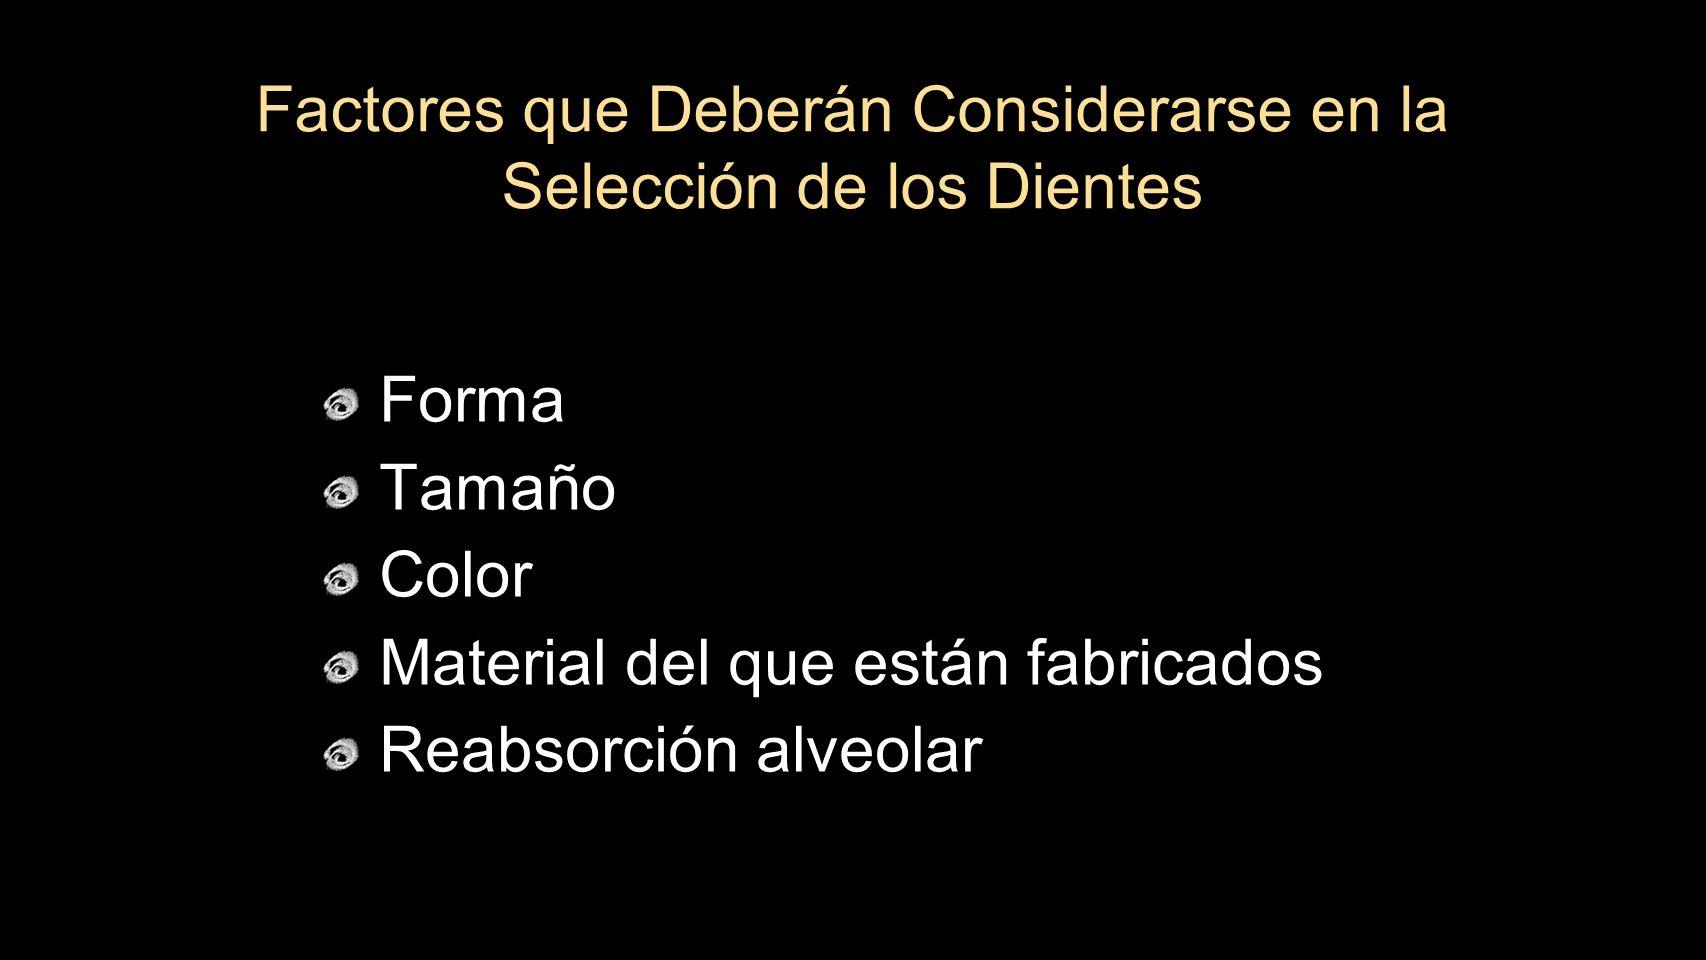 Forma Tamaño Color Material del que están fabricados Reabsorción alveolar Factores que Deberán Considerarse en la Selección de los Dientes